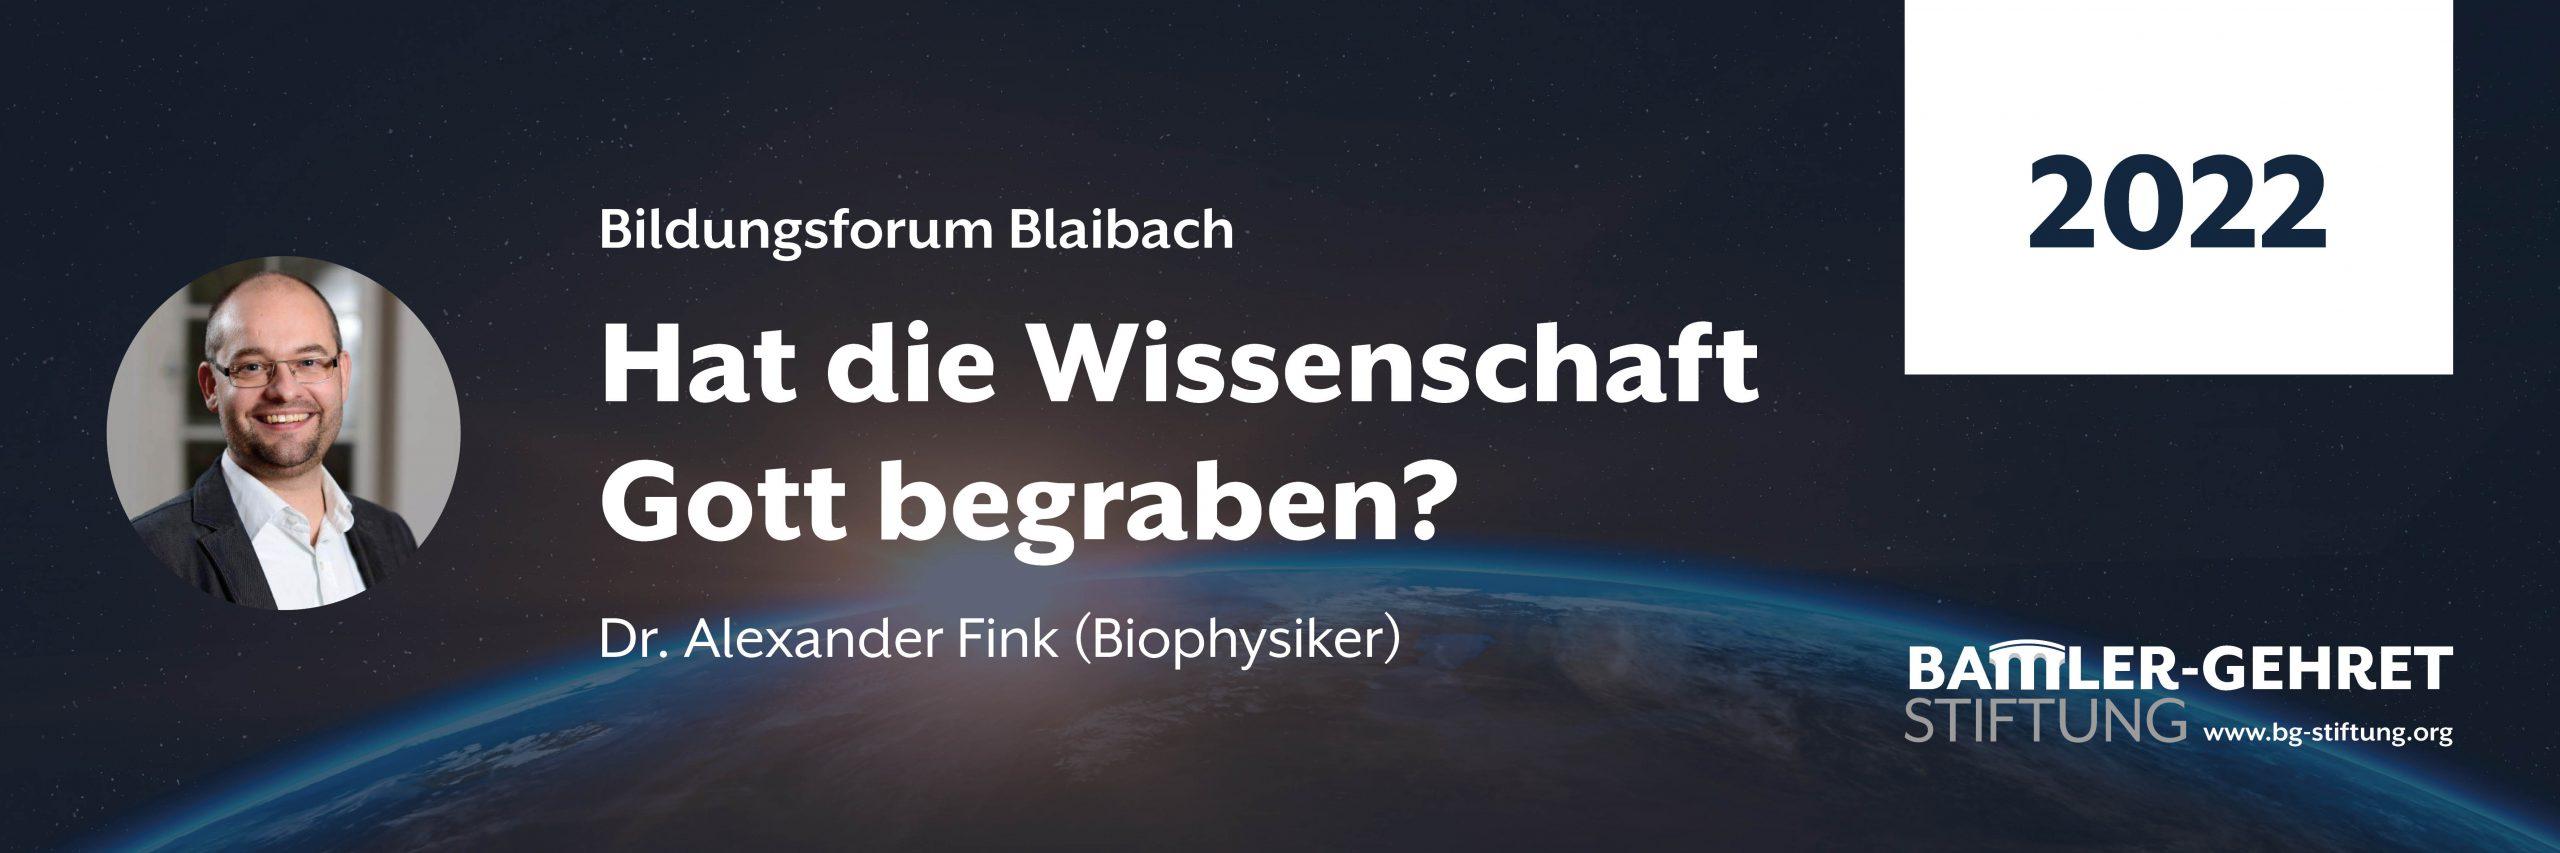 poster_bildungsforum_hat-die-wissenschaft-gott-begraben_2022_02